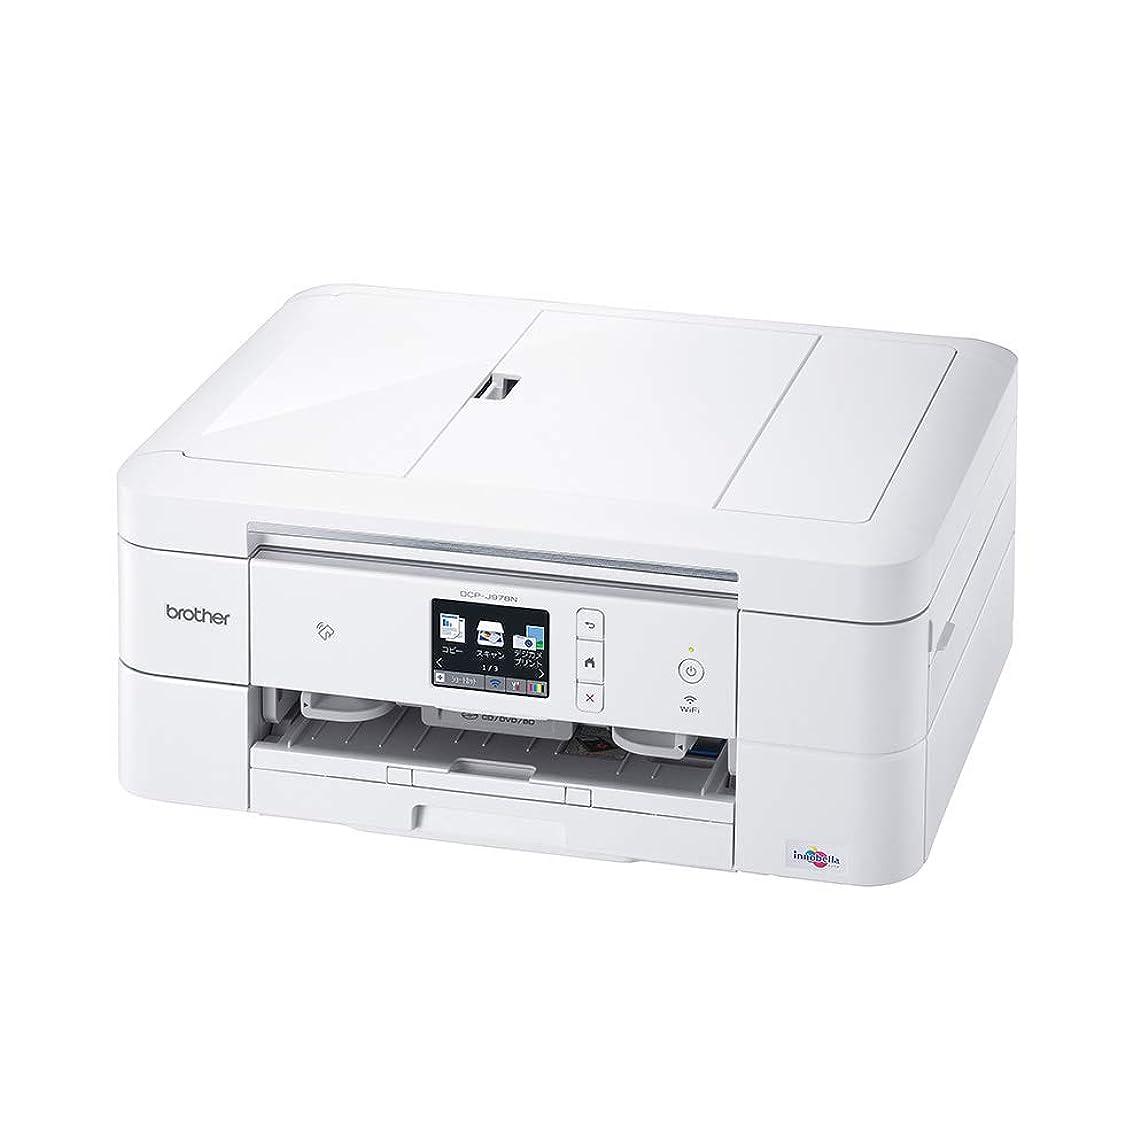 ダッシュ欲望アナロジーブラザー プリンター A4 インクジェット複合機 DCP-J978N-W (白モデル/ADF/有線?無線LAN/手差しトレイ/両面印刷/レーベル印刷)